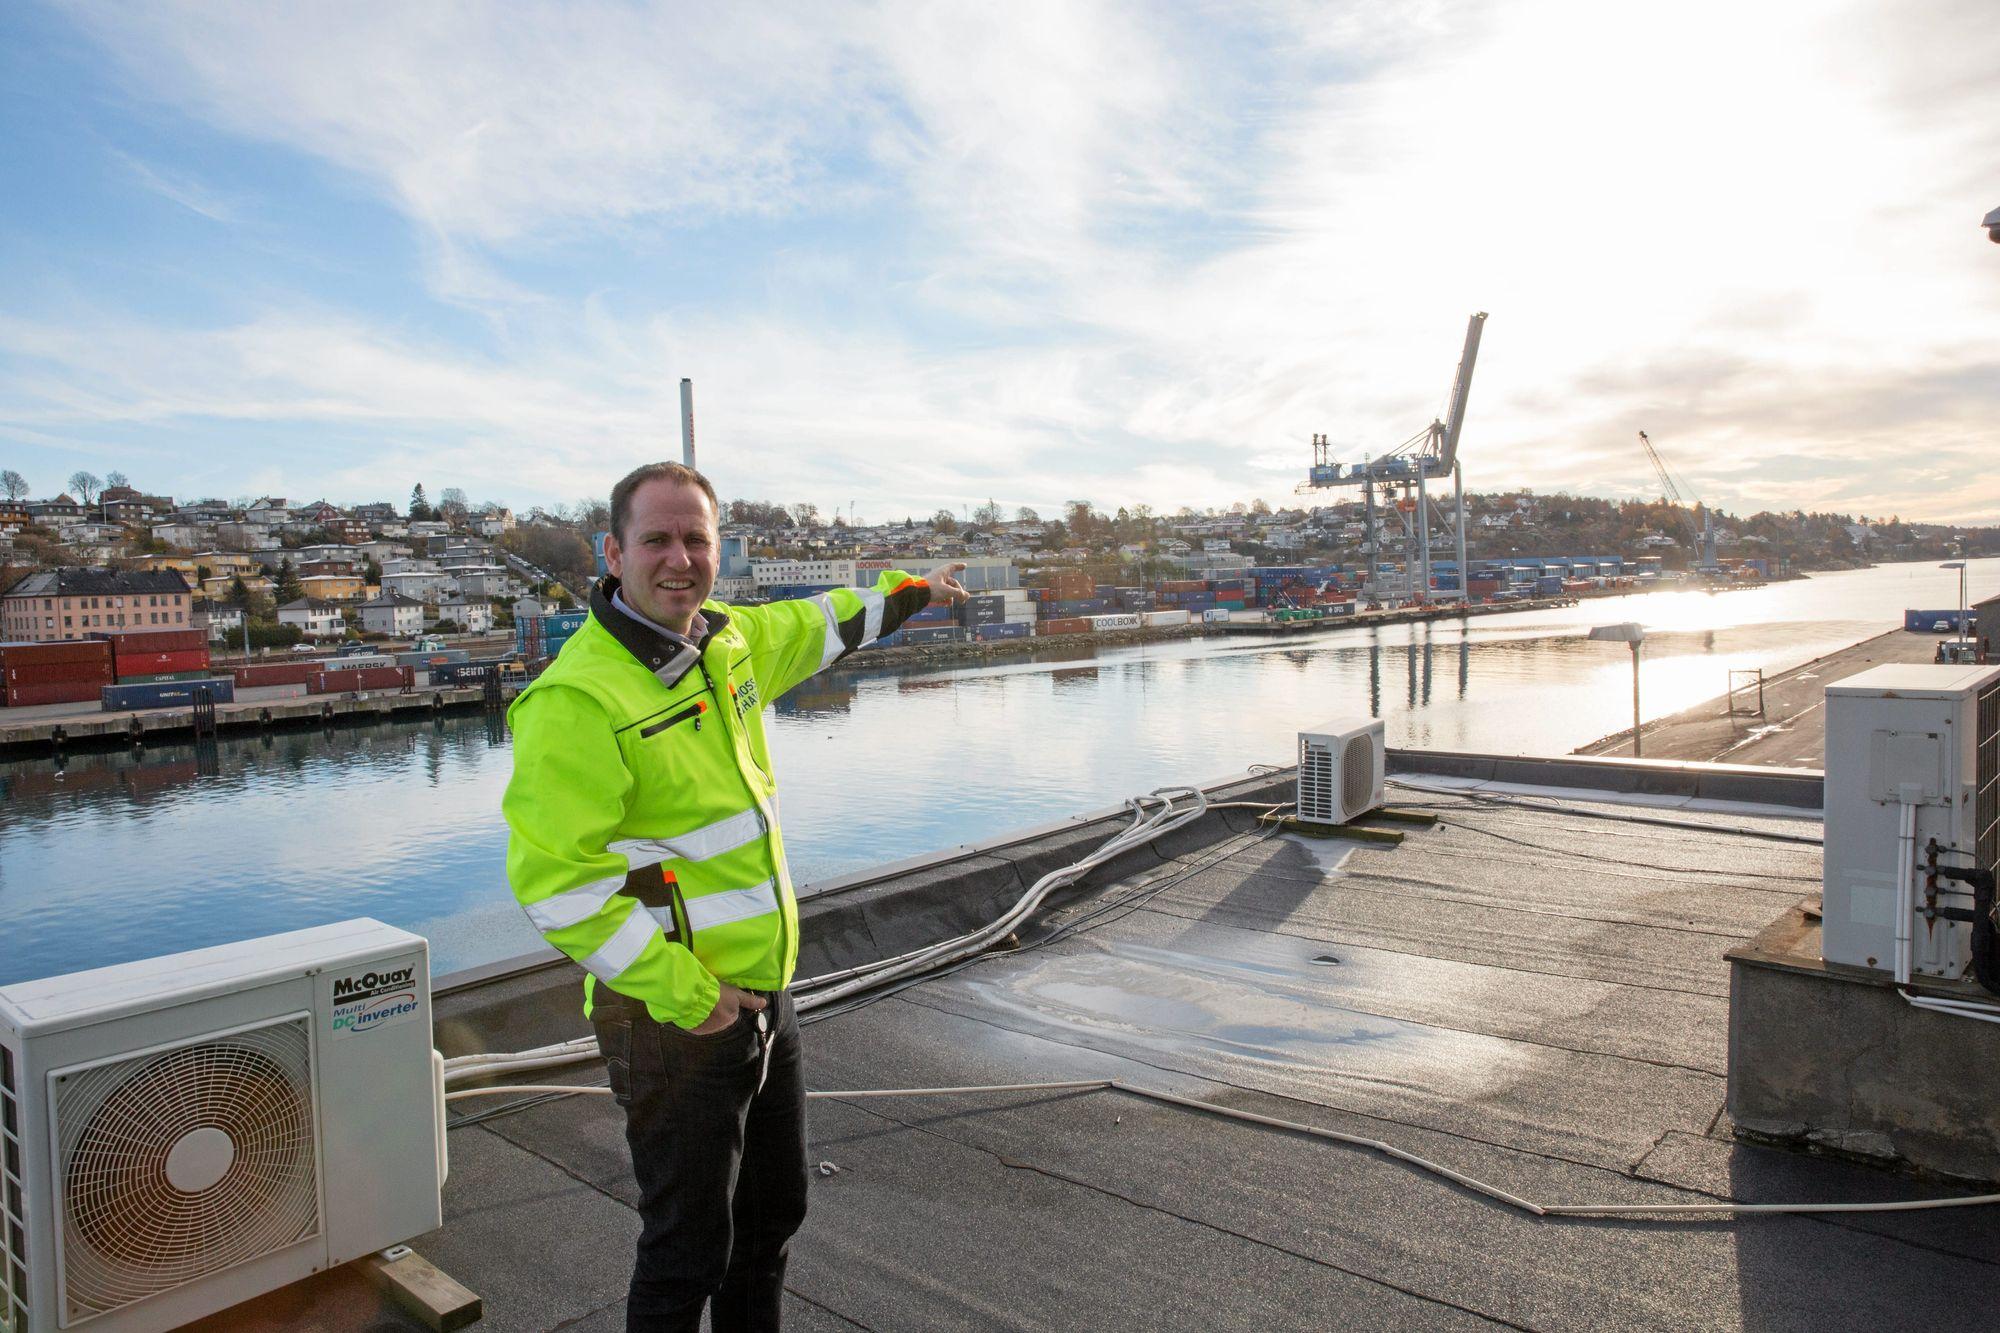 MISTER AREALER: Jernbaneutbyggingen i byen gjør at Moss Havn mister så mye som 40 prosent av arealene sine de neste åtte årene, forklarer havnesjef Øystein Høsteland Sundby.